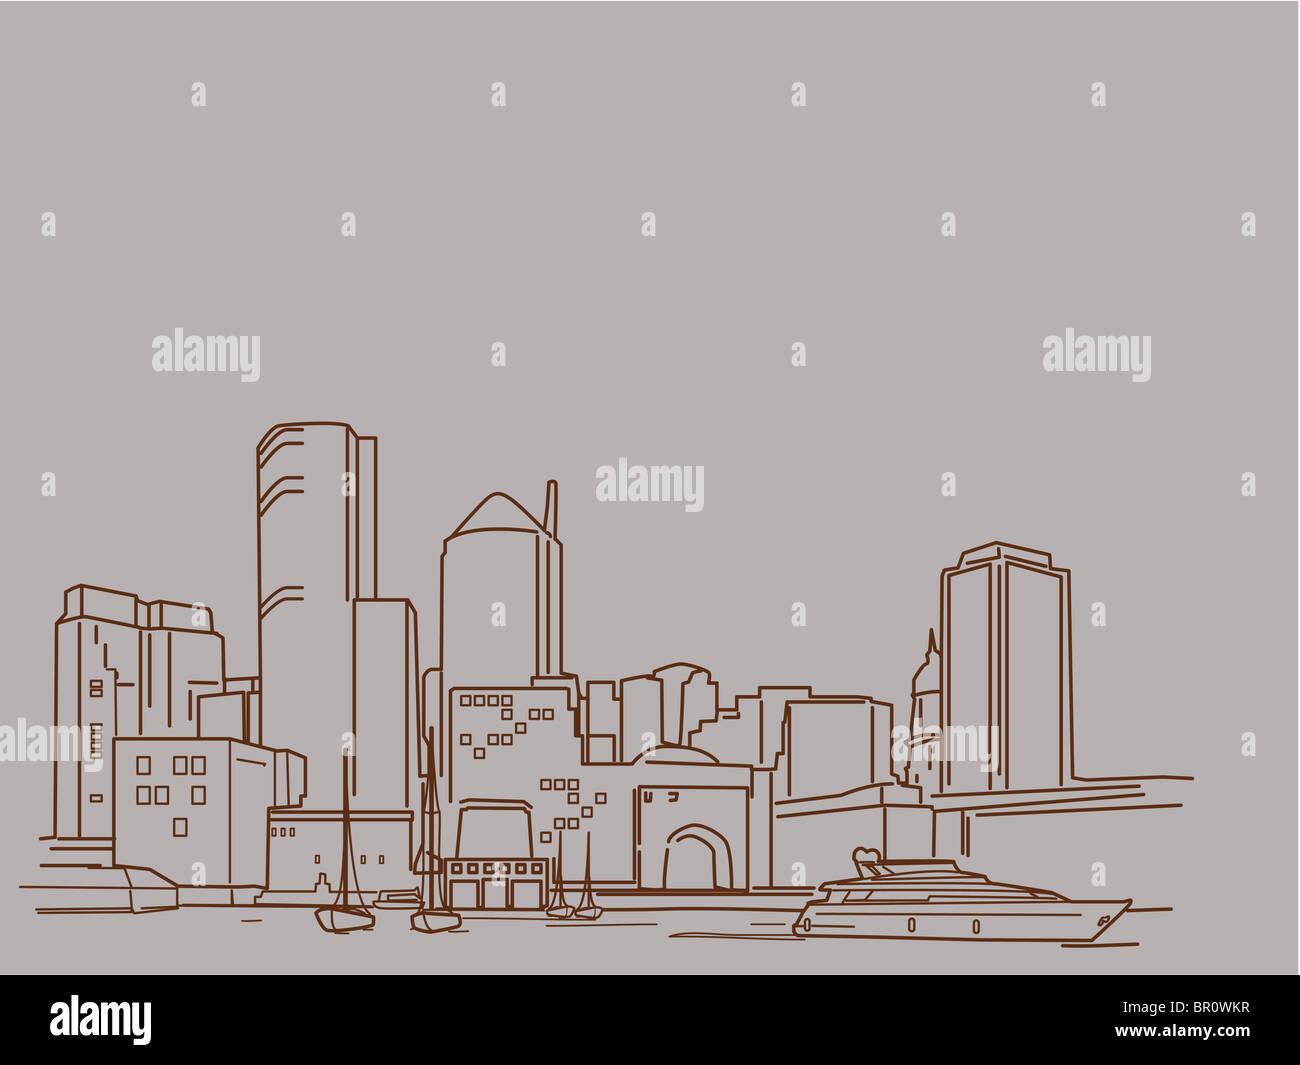 Una illustrazione del porto della città Immagini Stock